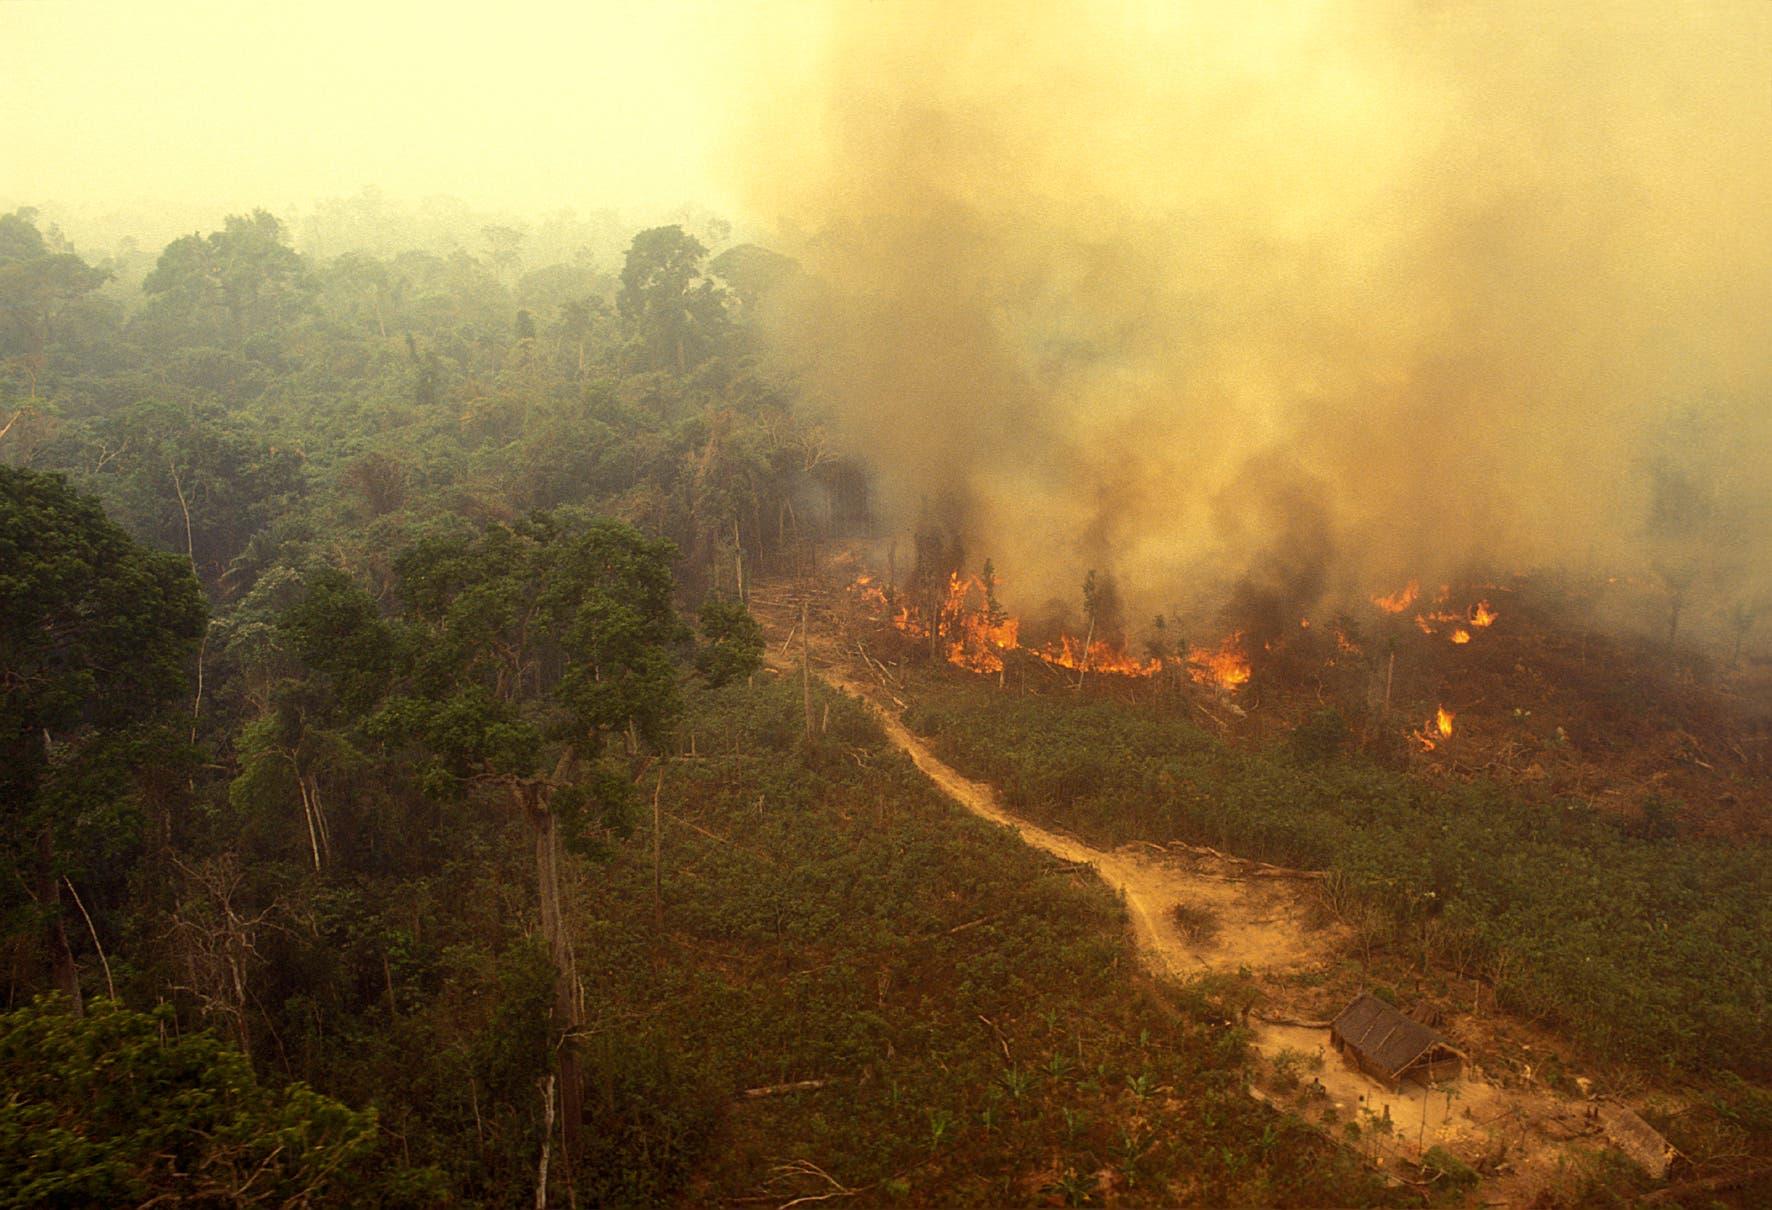 Wenn der Regenwald mit Feuer gerodet wird, entstehen große Mengen Kohlendioxid, die den Klimawandel antreiben. Außerdem schwächt sich dadurch der Wasserkreislauf vor Ort ab: Dürren werden häufiger und können auch entfernte Gebiete in Südamerika betreffen.